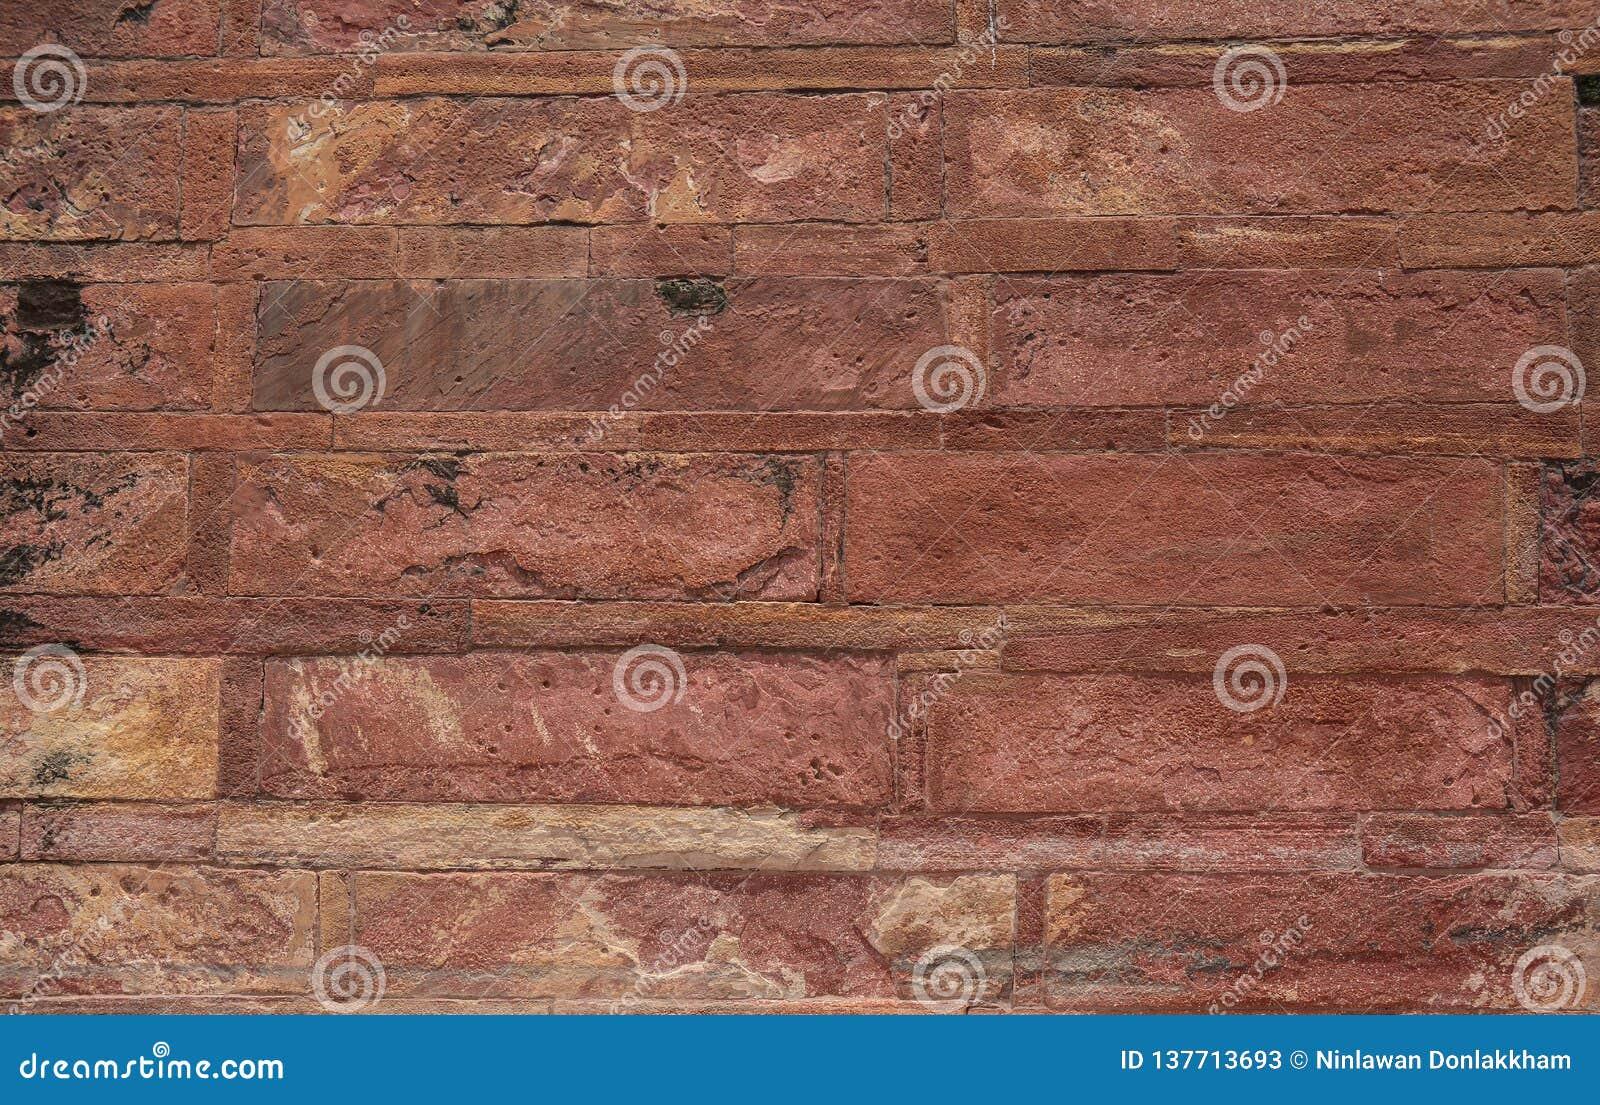 Pared de la piedra arenisca del fuerte antiguo